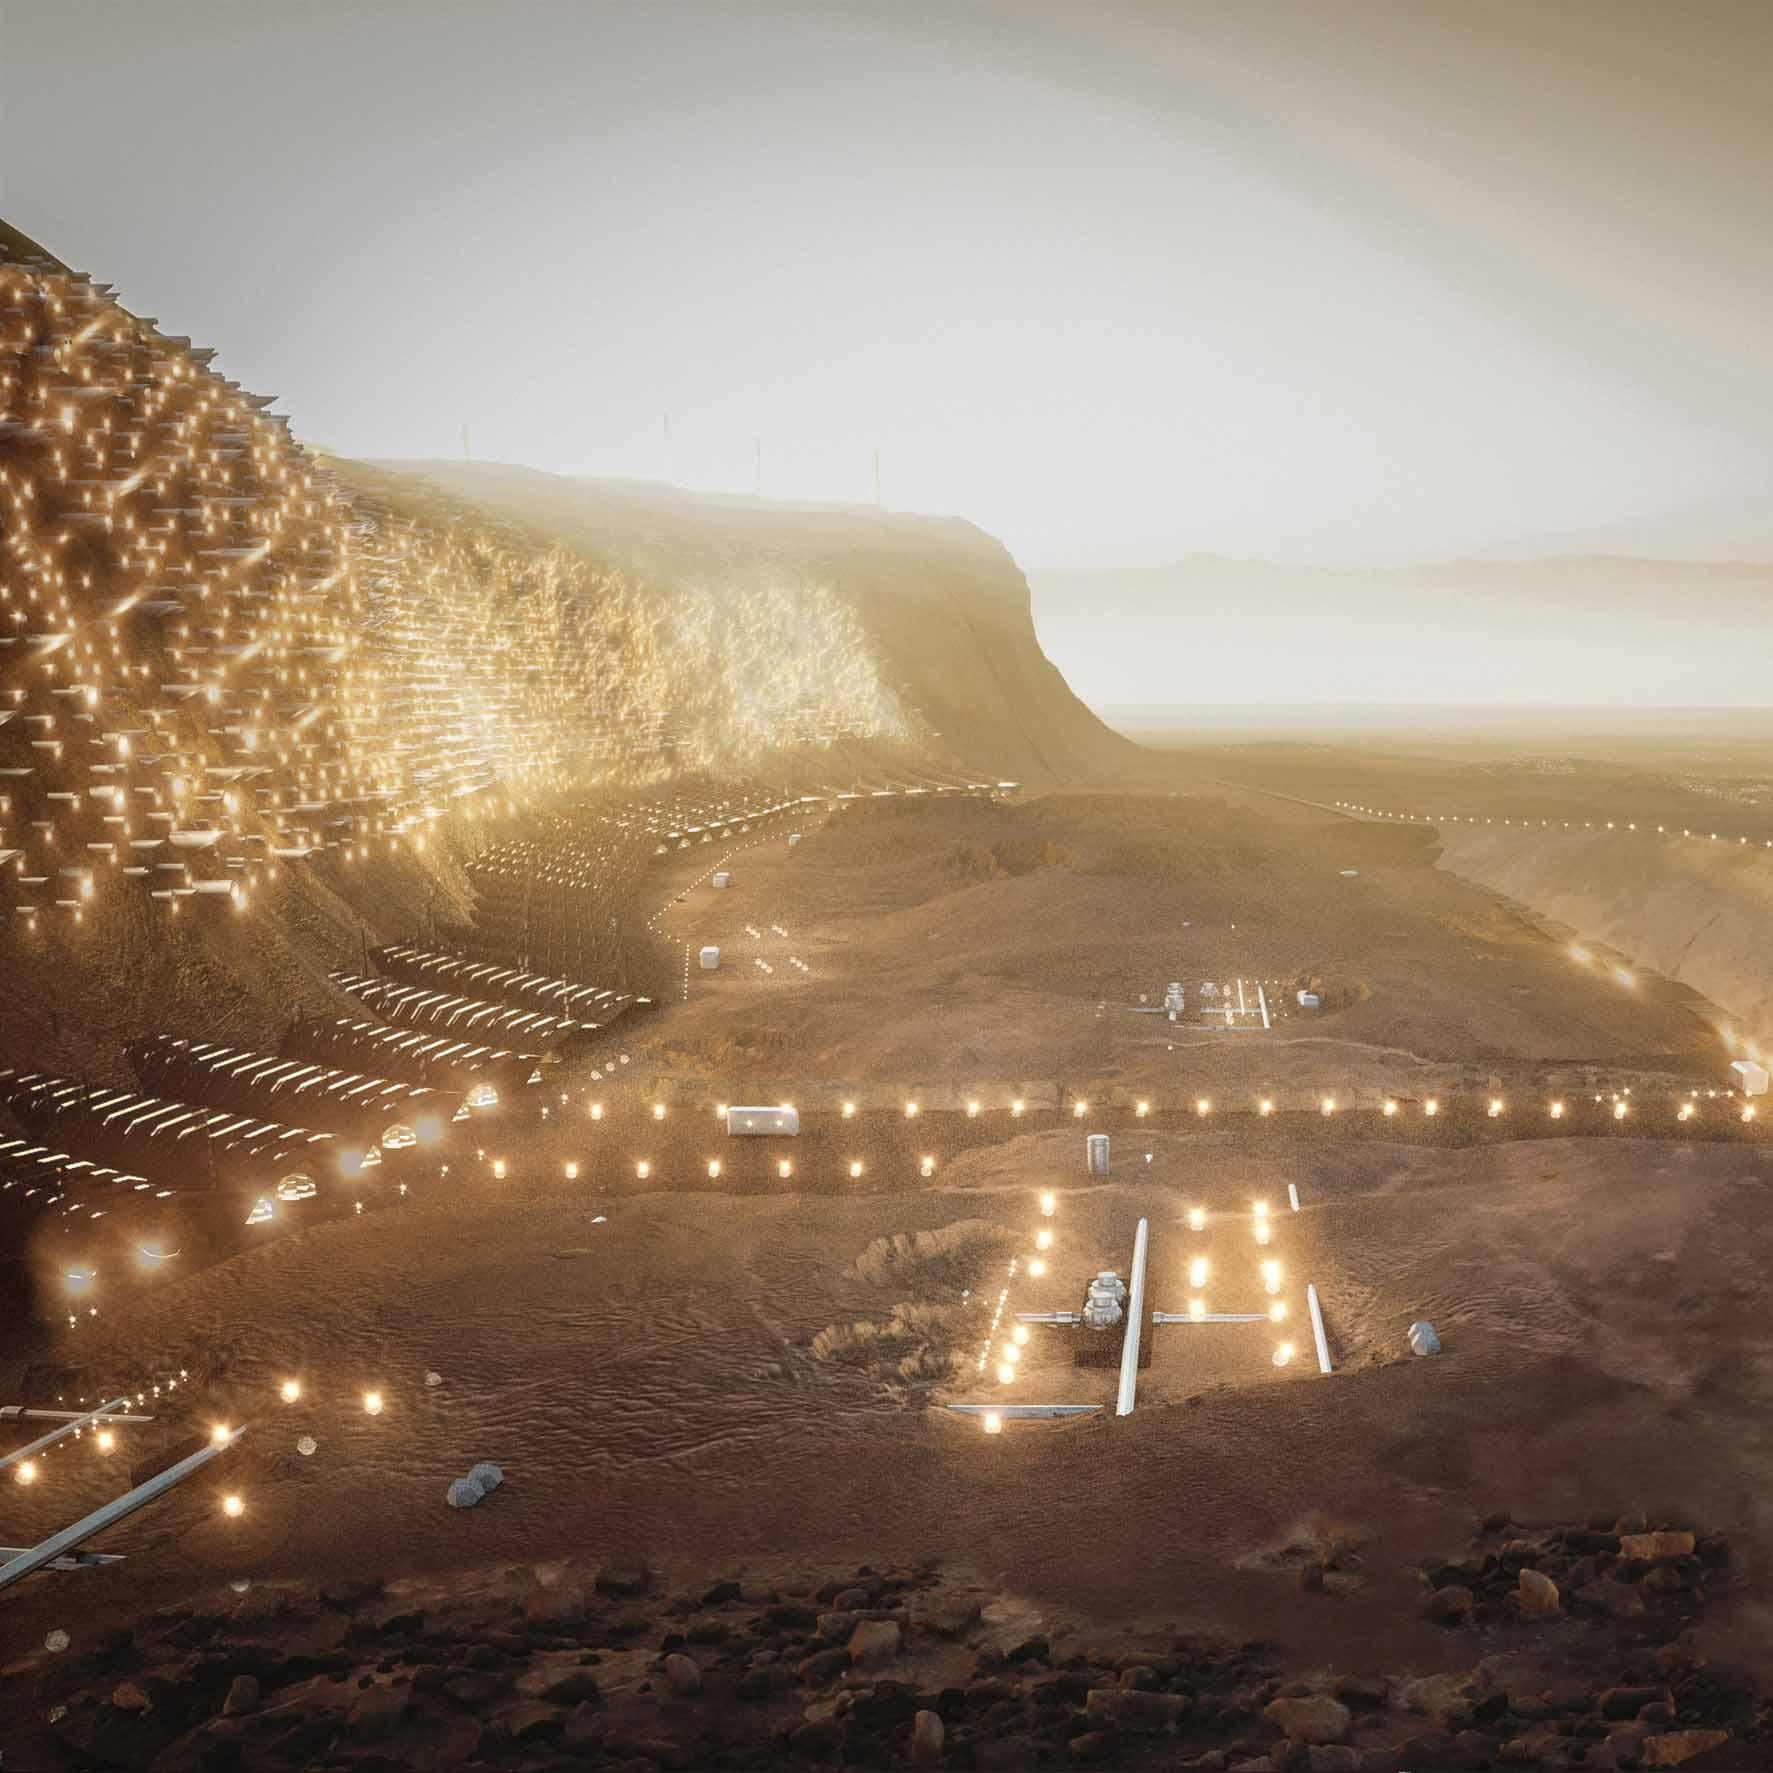 На этой неделе Абибо представил Марс-город для четверти миллиона человек